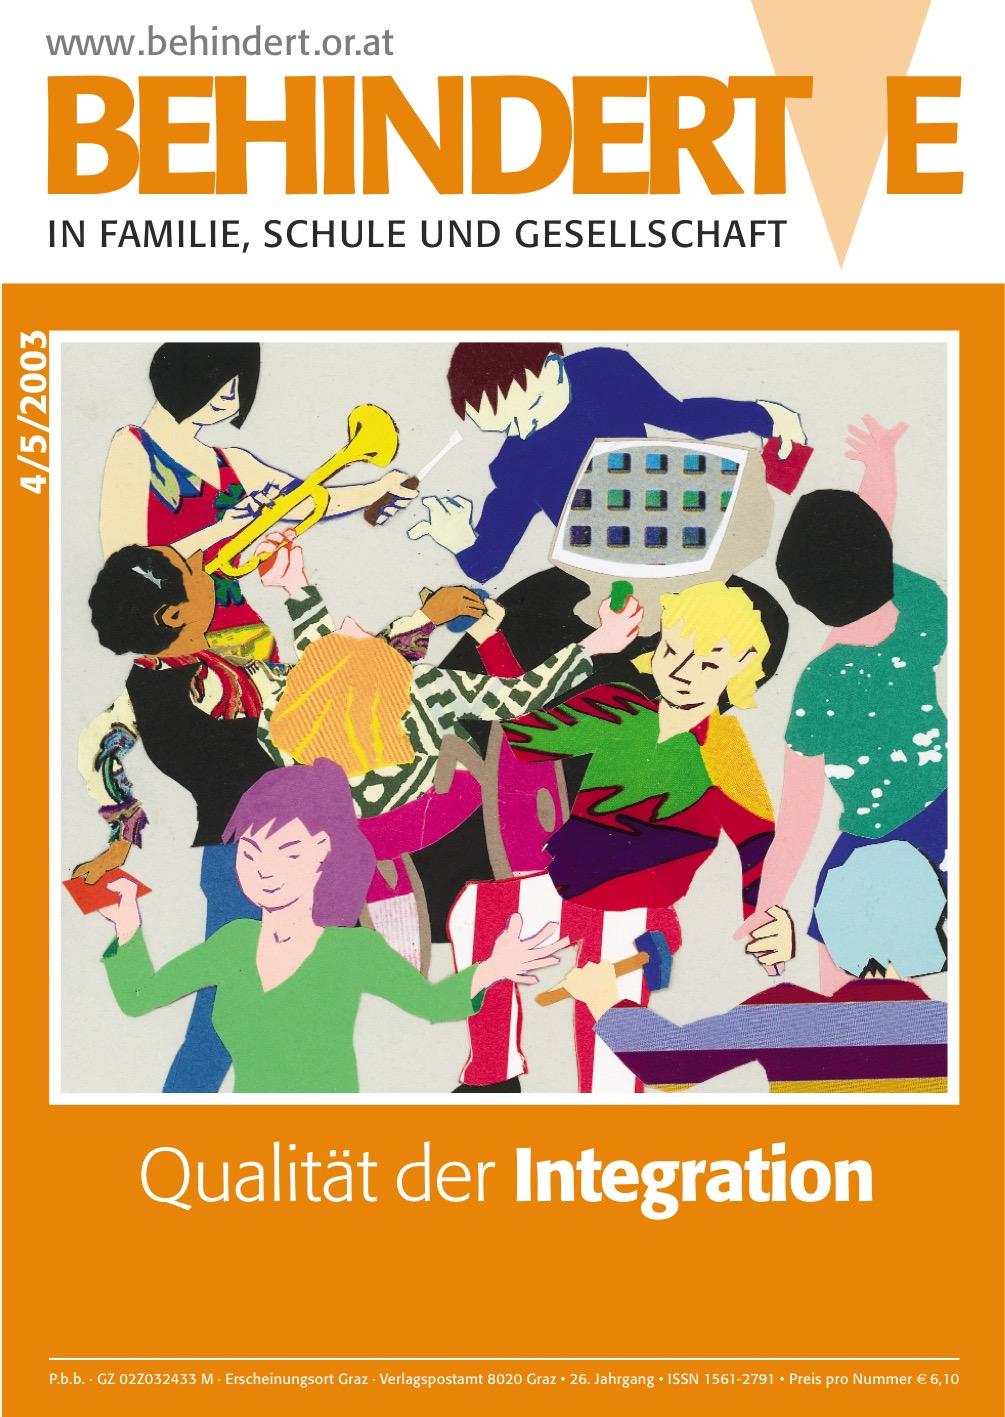 """Titelbild der Zeitschrift BEHINDERTE MENSCHEN, Ausgabe 4/5/2003 """"Qualität der Integration"""""""